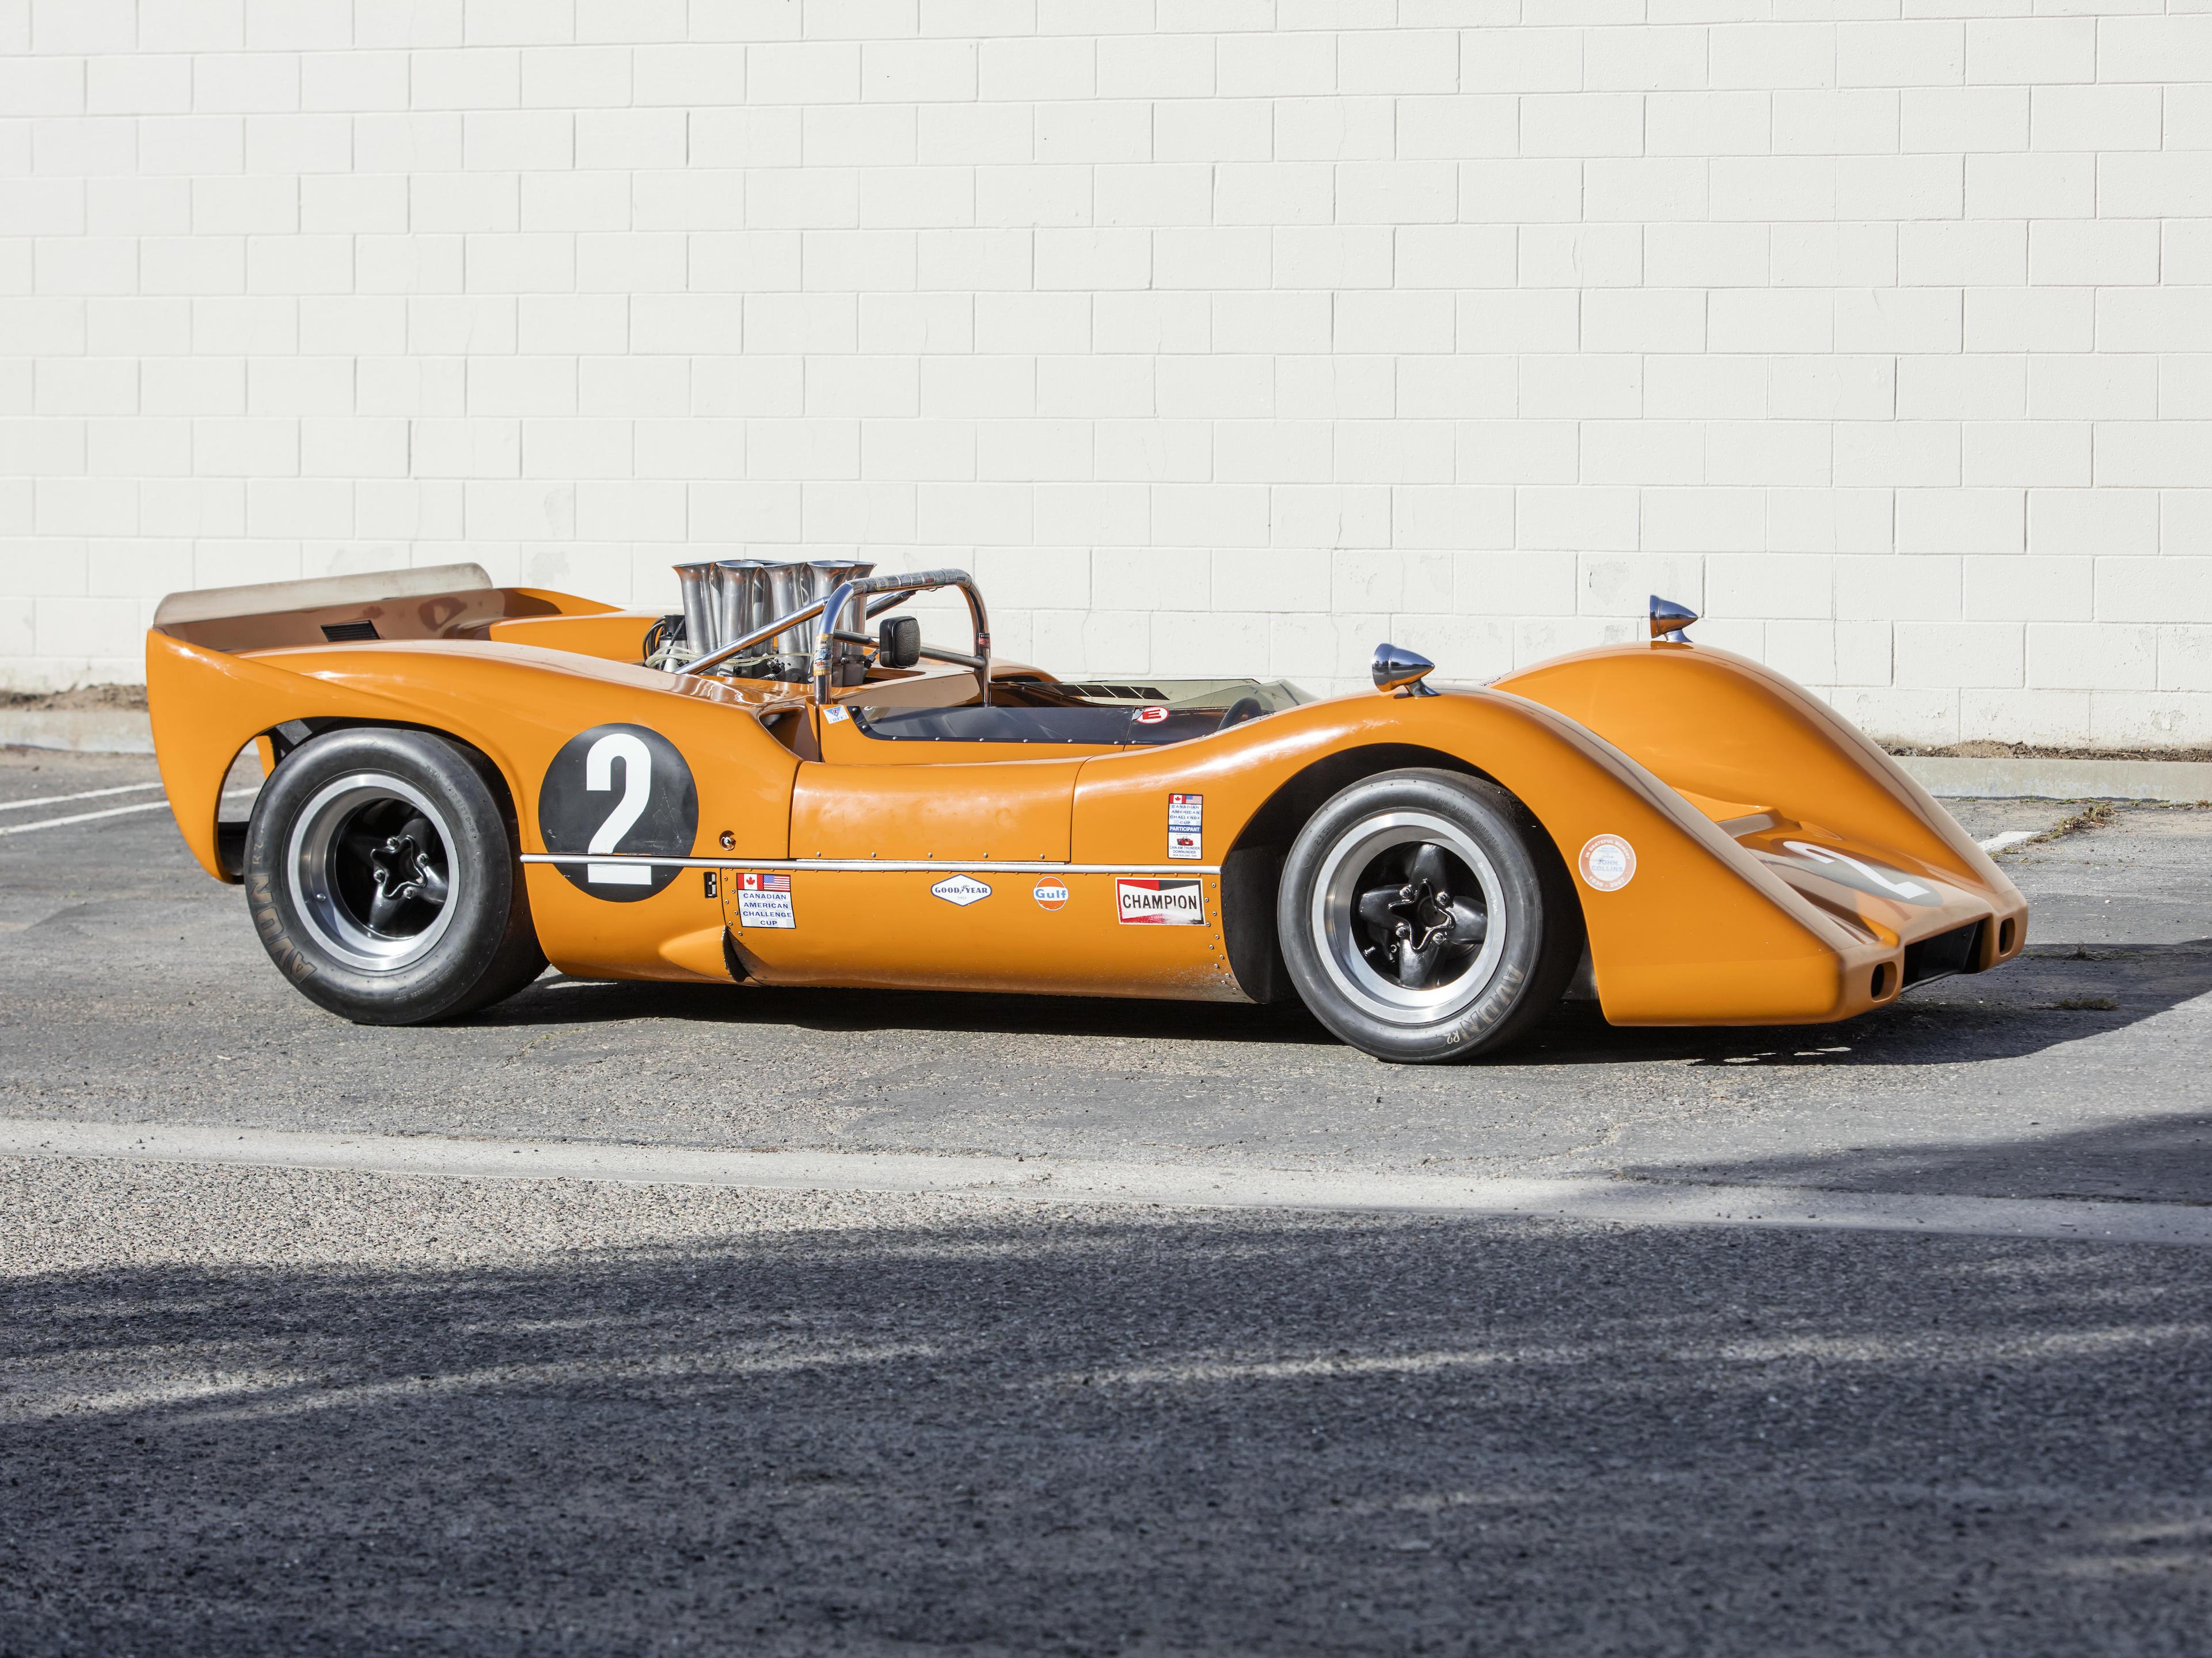 <b>1968 McLaren M6B-50  </b><br />Engine no. LG500-271